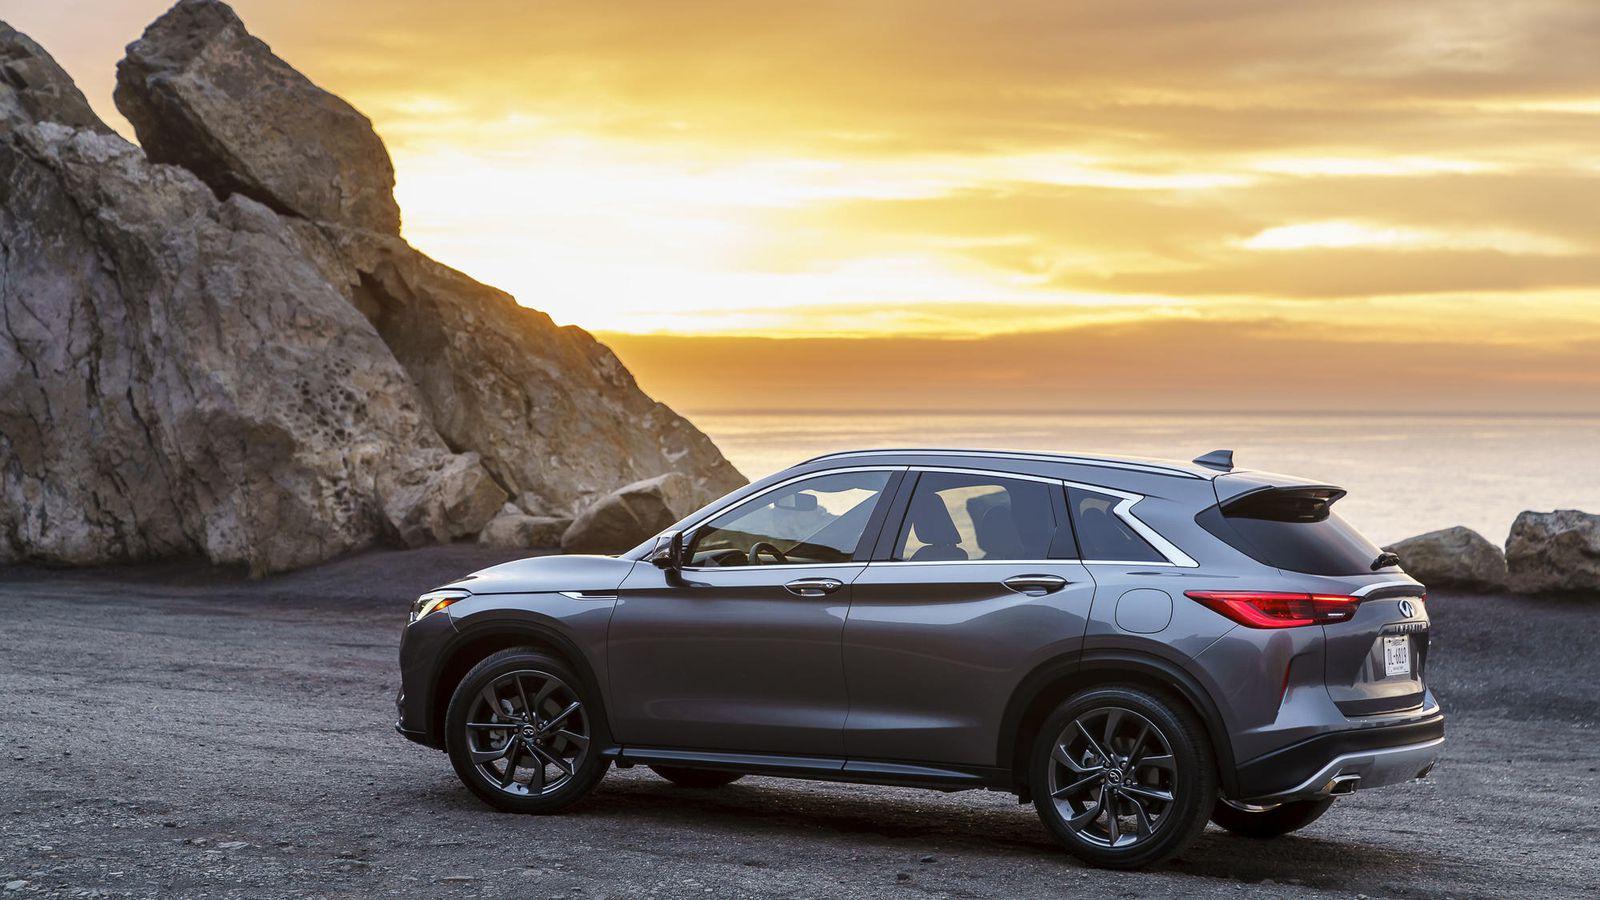 Infiniti veut marquer 2019 avec son SUV haut de gamme QX50